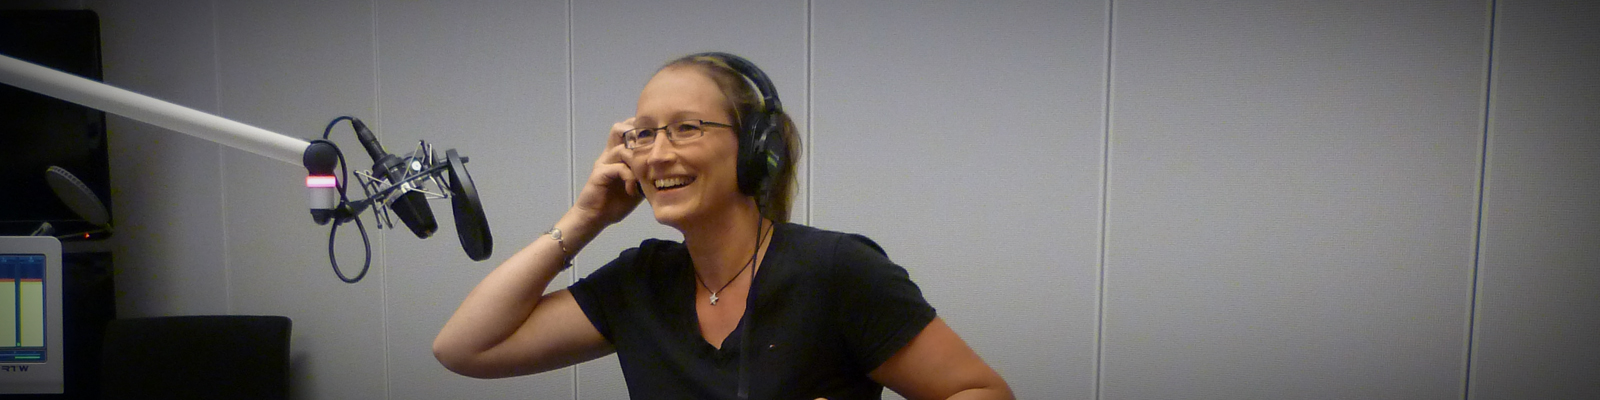 Die Goldmedaillen-Gewinnerin bei den Paralympics 2012 in London und aktuelle Vize-Weltmeisterin: Rollstuhl-Basektballerin Marina Mohnen bei DRadio Wissen.